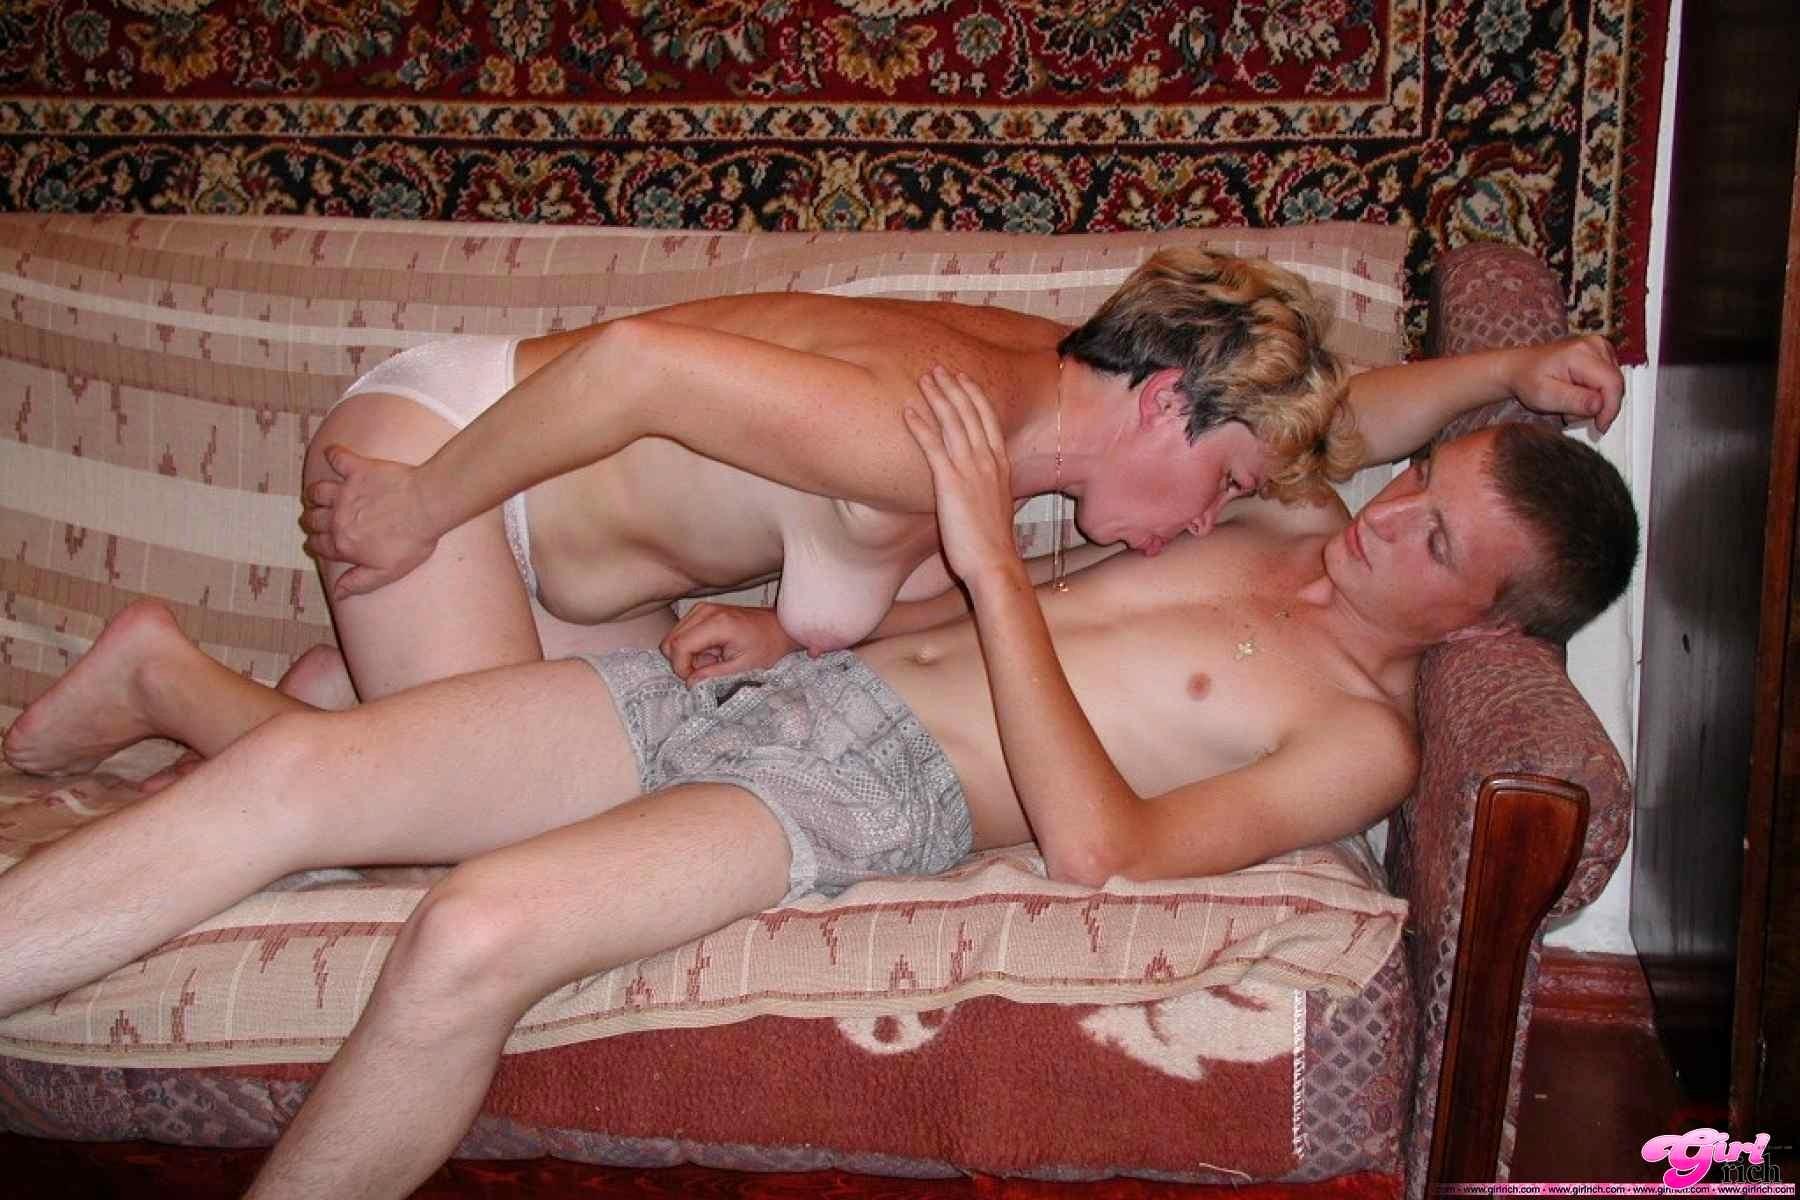 Афганка смотреть порно любительское с мамочками русских свингеров снятый